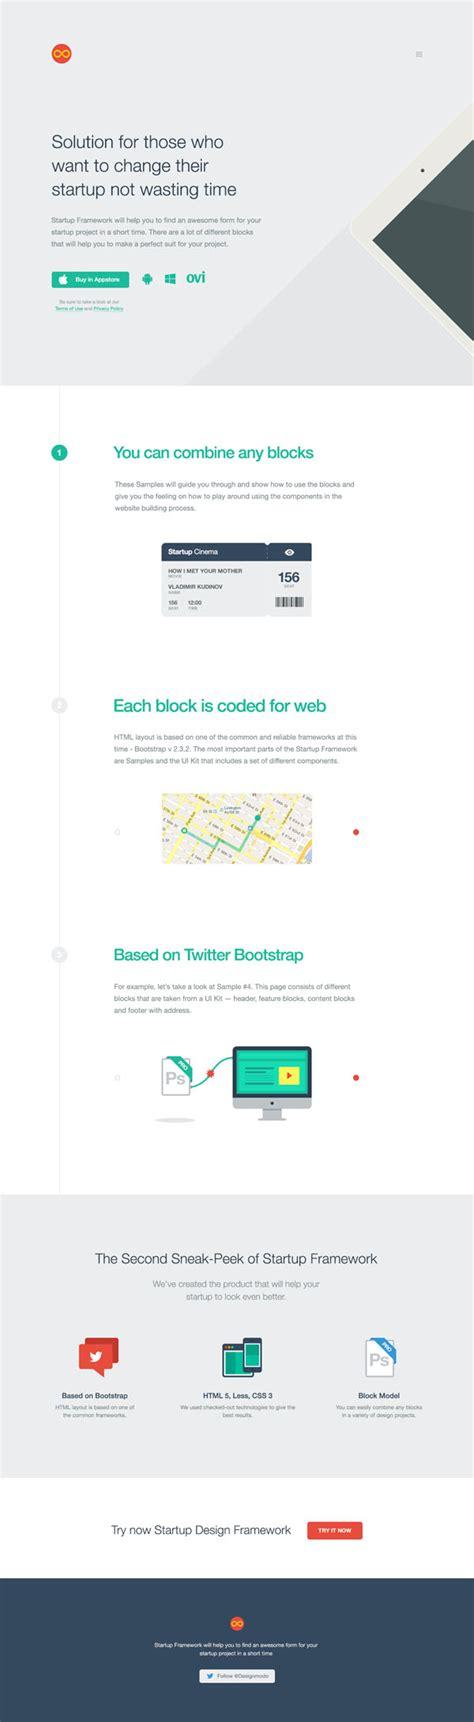 event design framework startup design framework download free psd and html